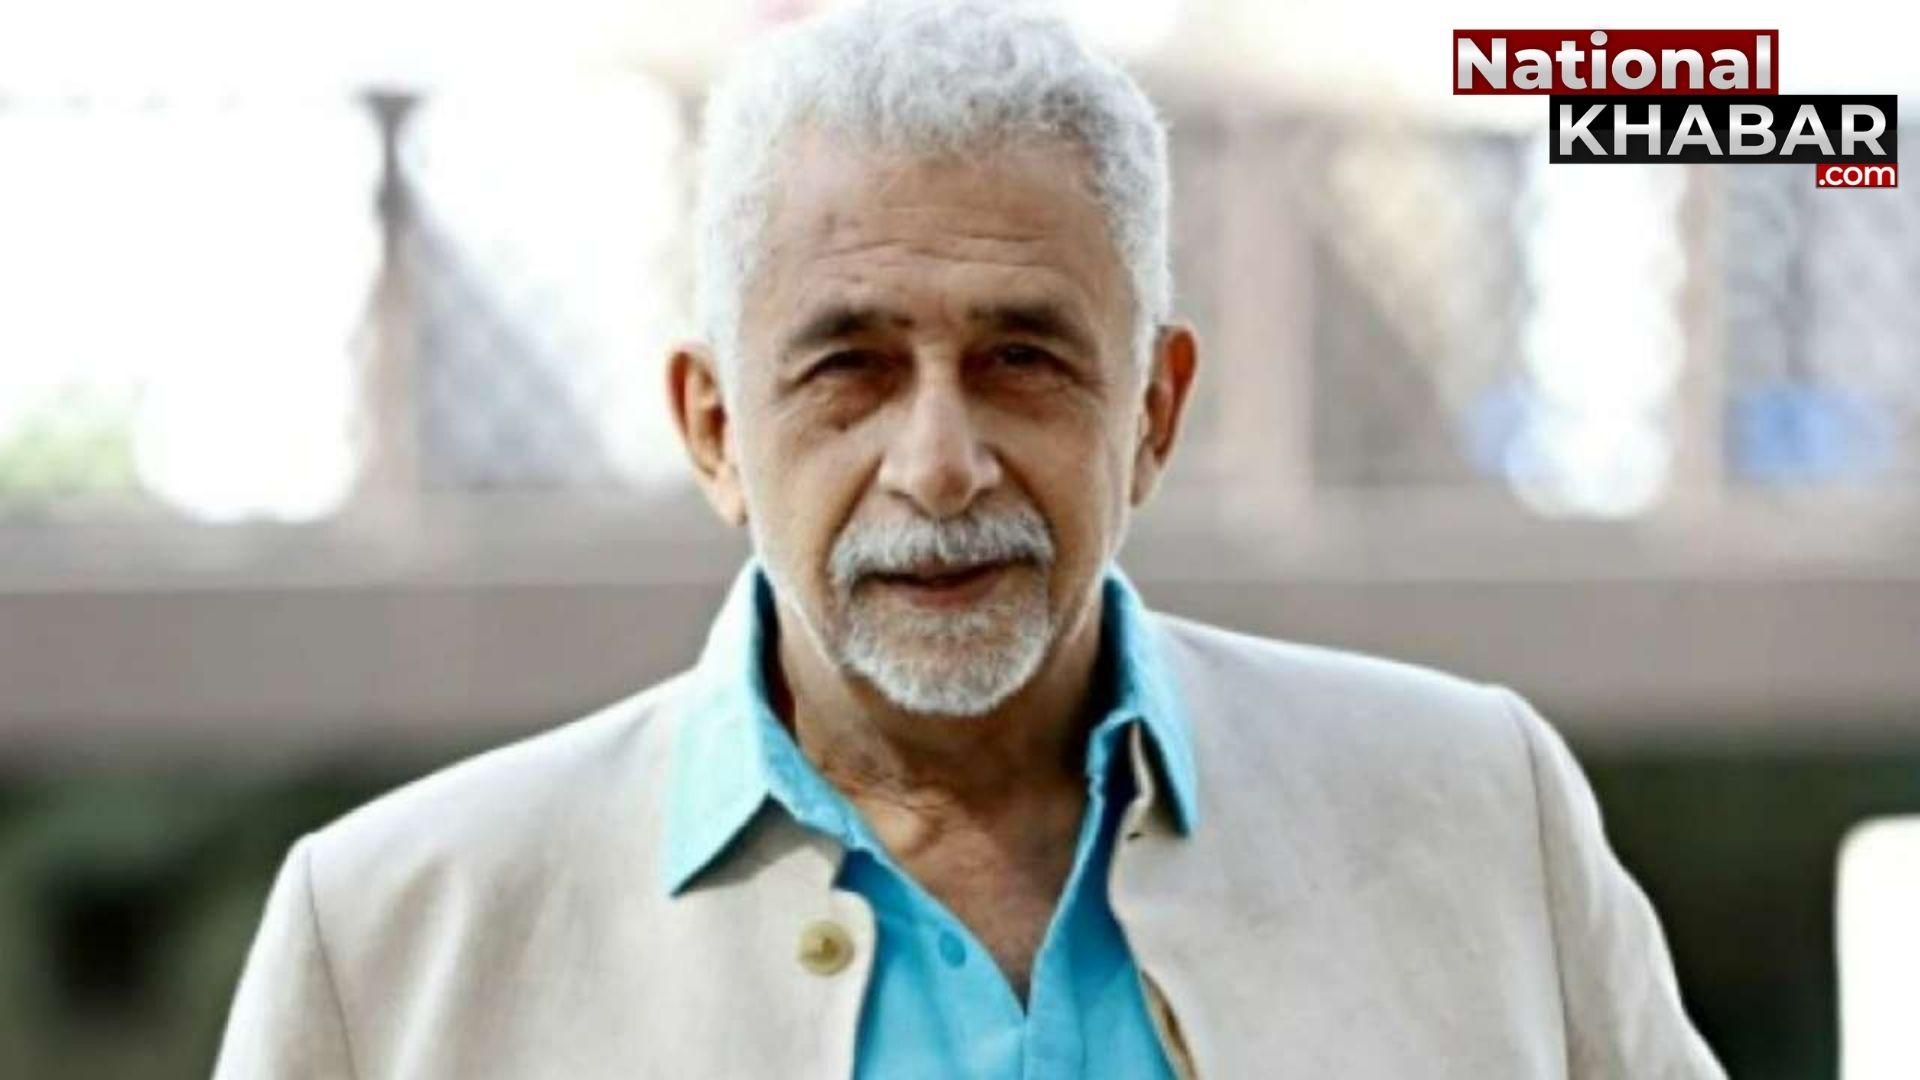 72 के हुए बॉलीवुड के दिग्गज कलाकार नसीरुद्दीन शाह, अभिनय की दुनिया का ऐसा नाम, जो हर किरदार में फूंक देता है जान